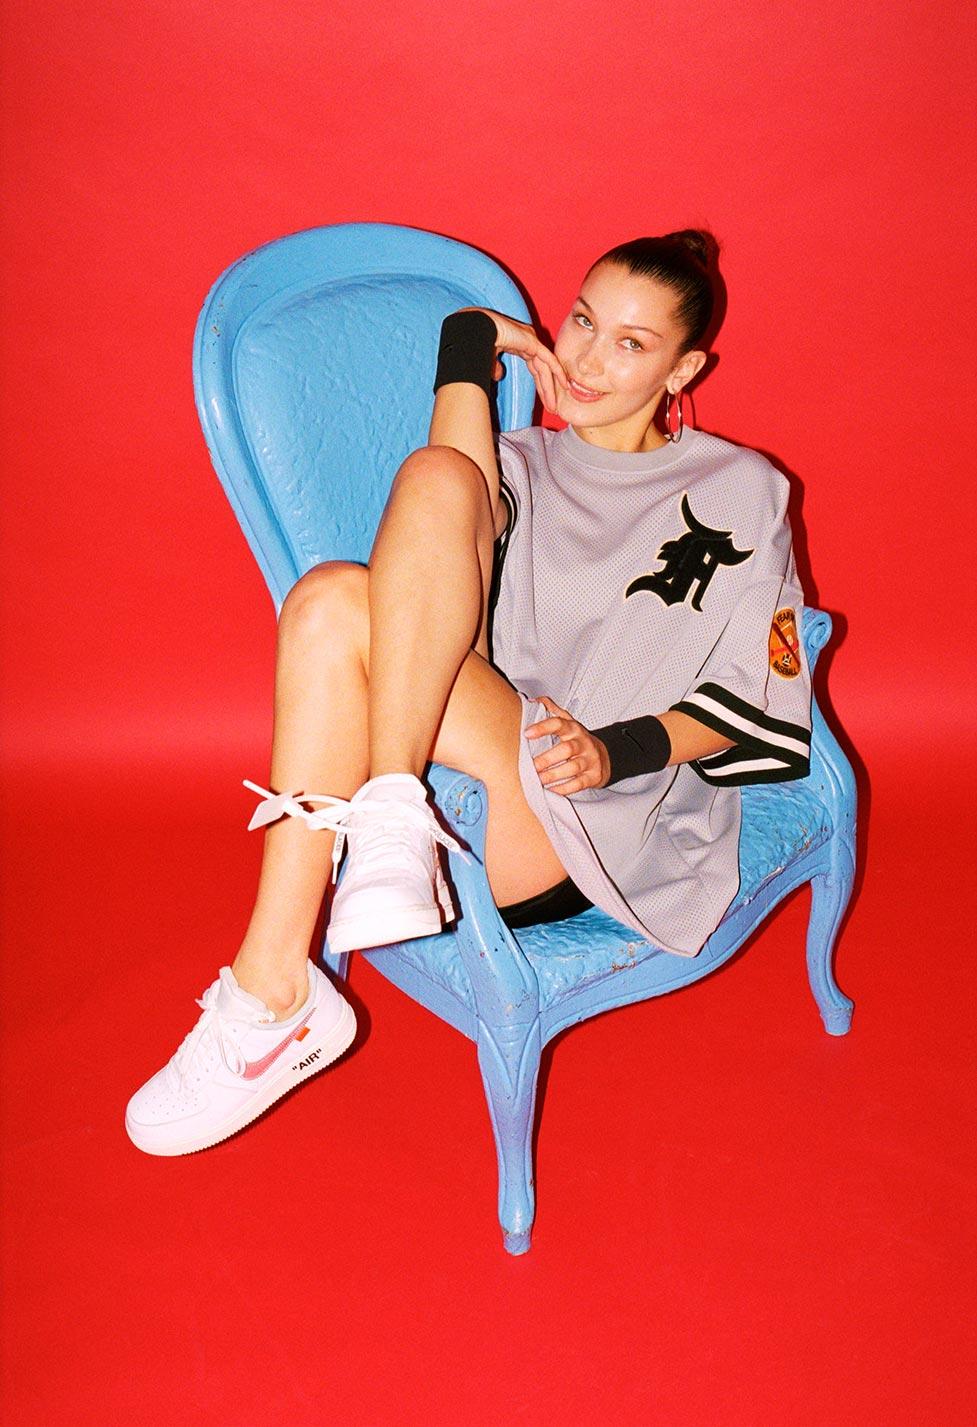 Выбираем модные кроссовки вместе с Беллой Хадид / Bella Hadid by Eric T. White - FootWear News november 2017